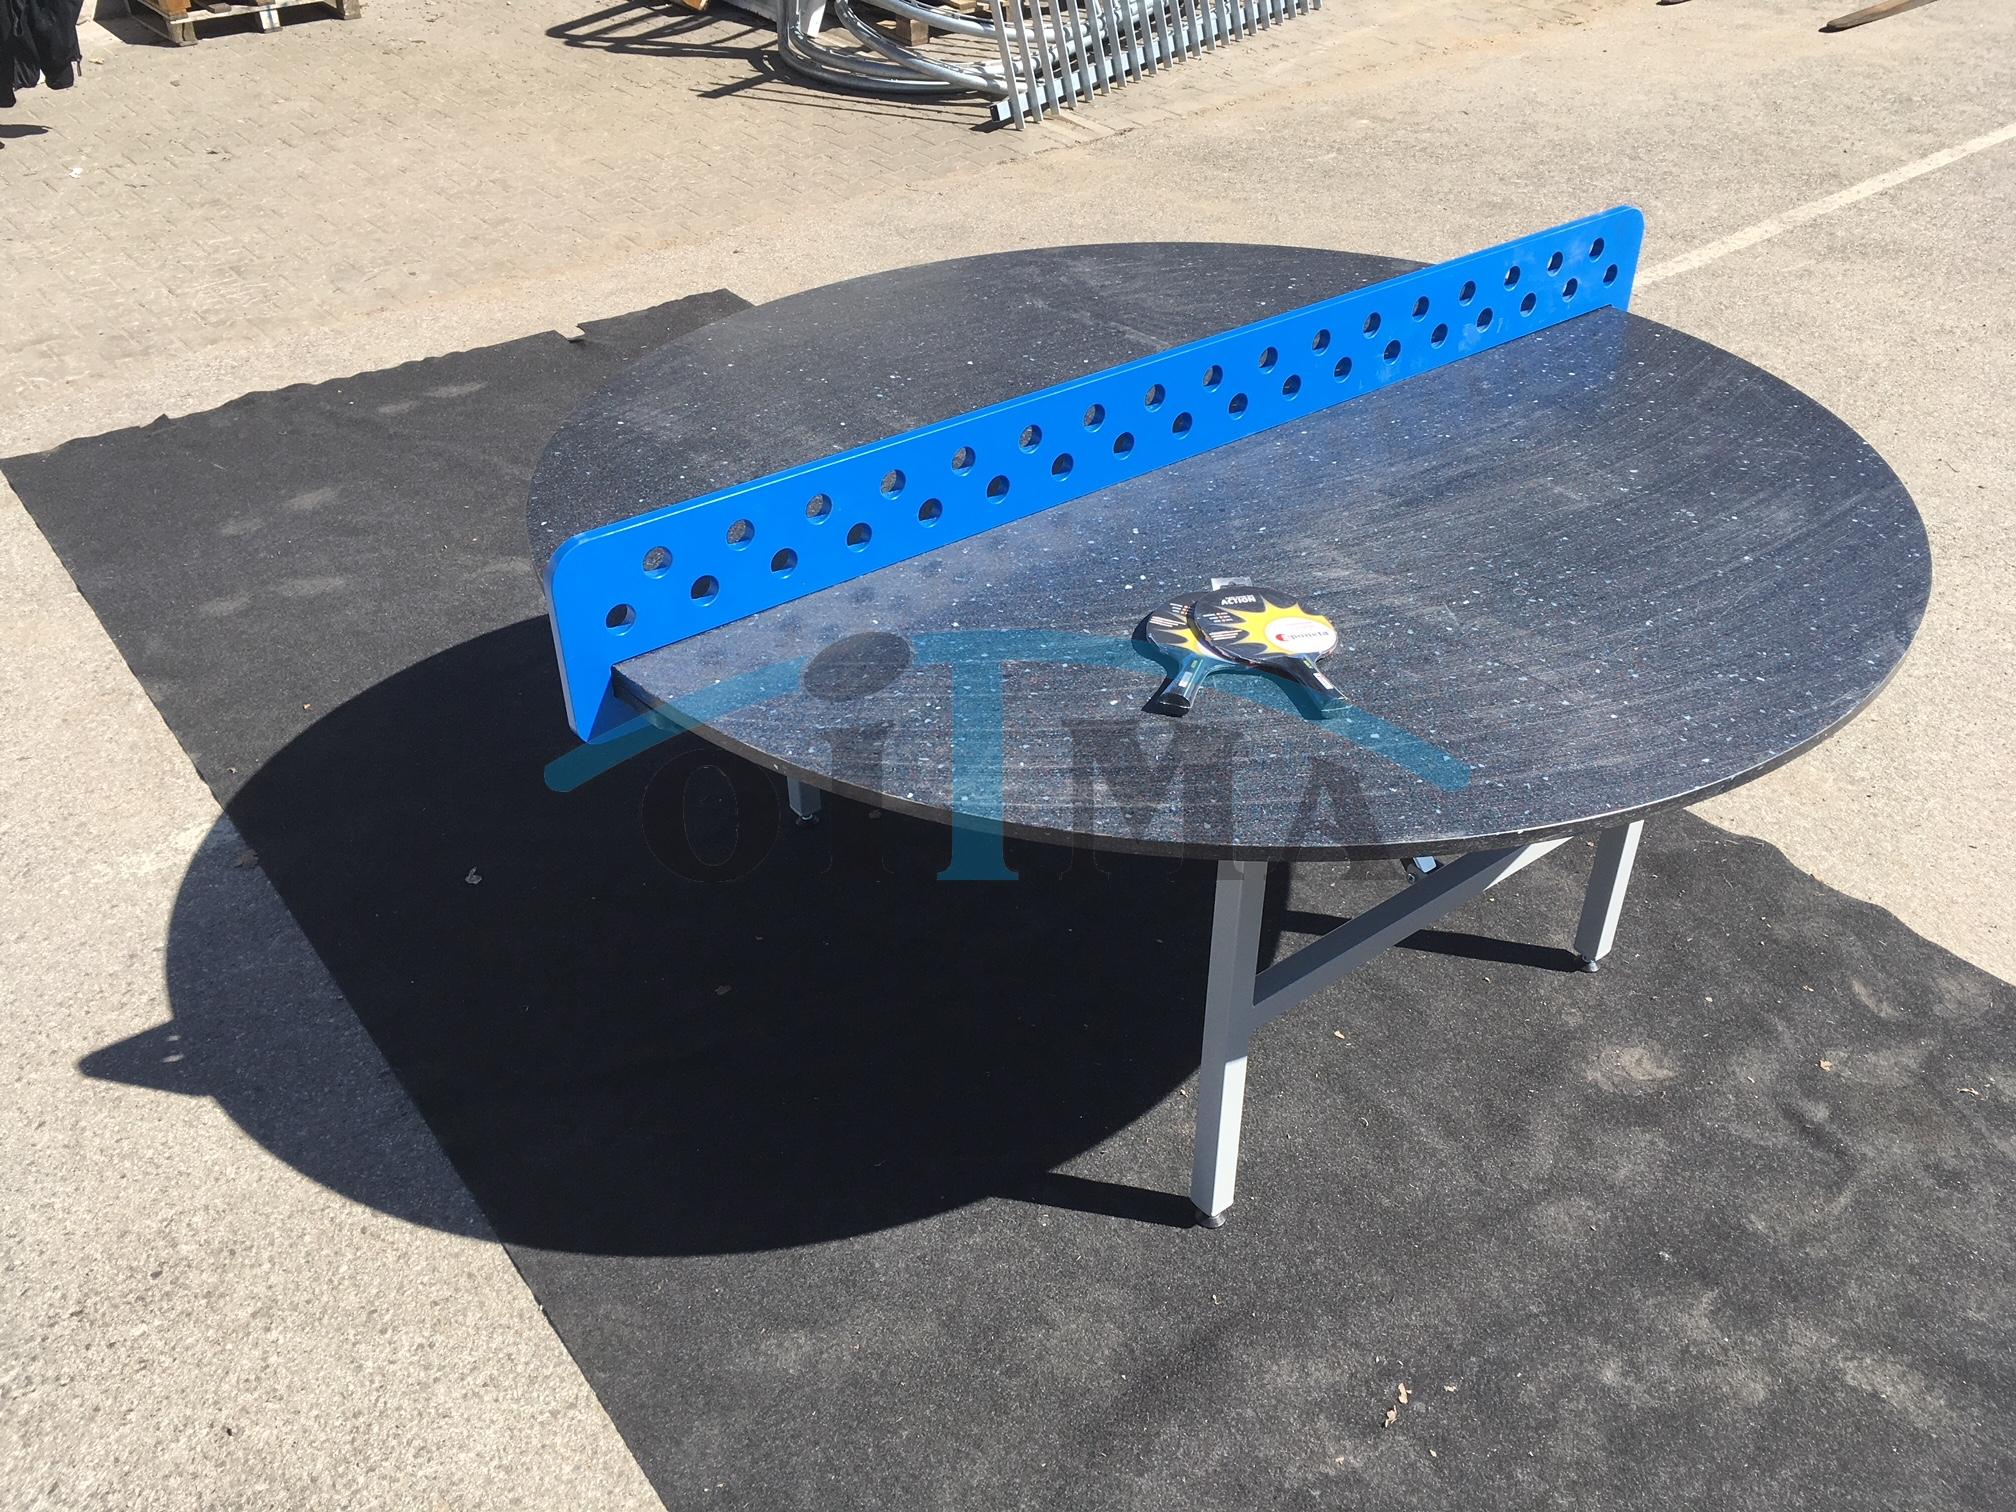 Ümmargune lauatennise laud